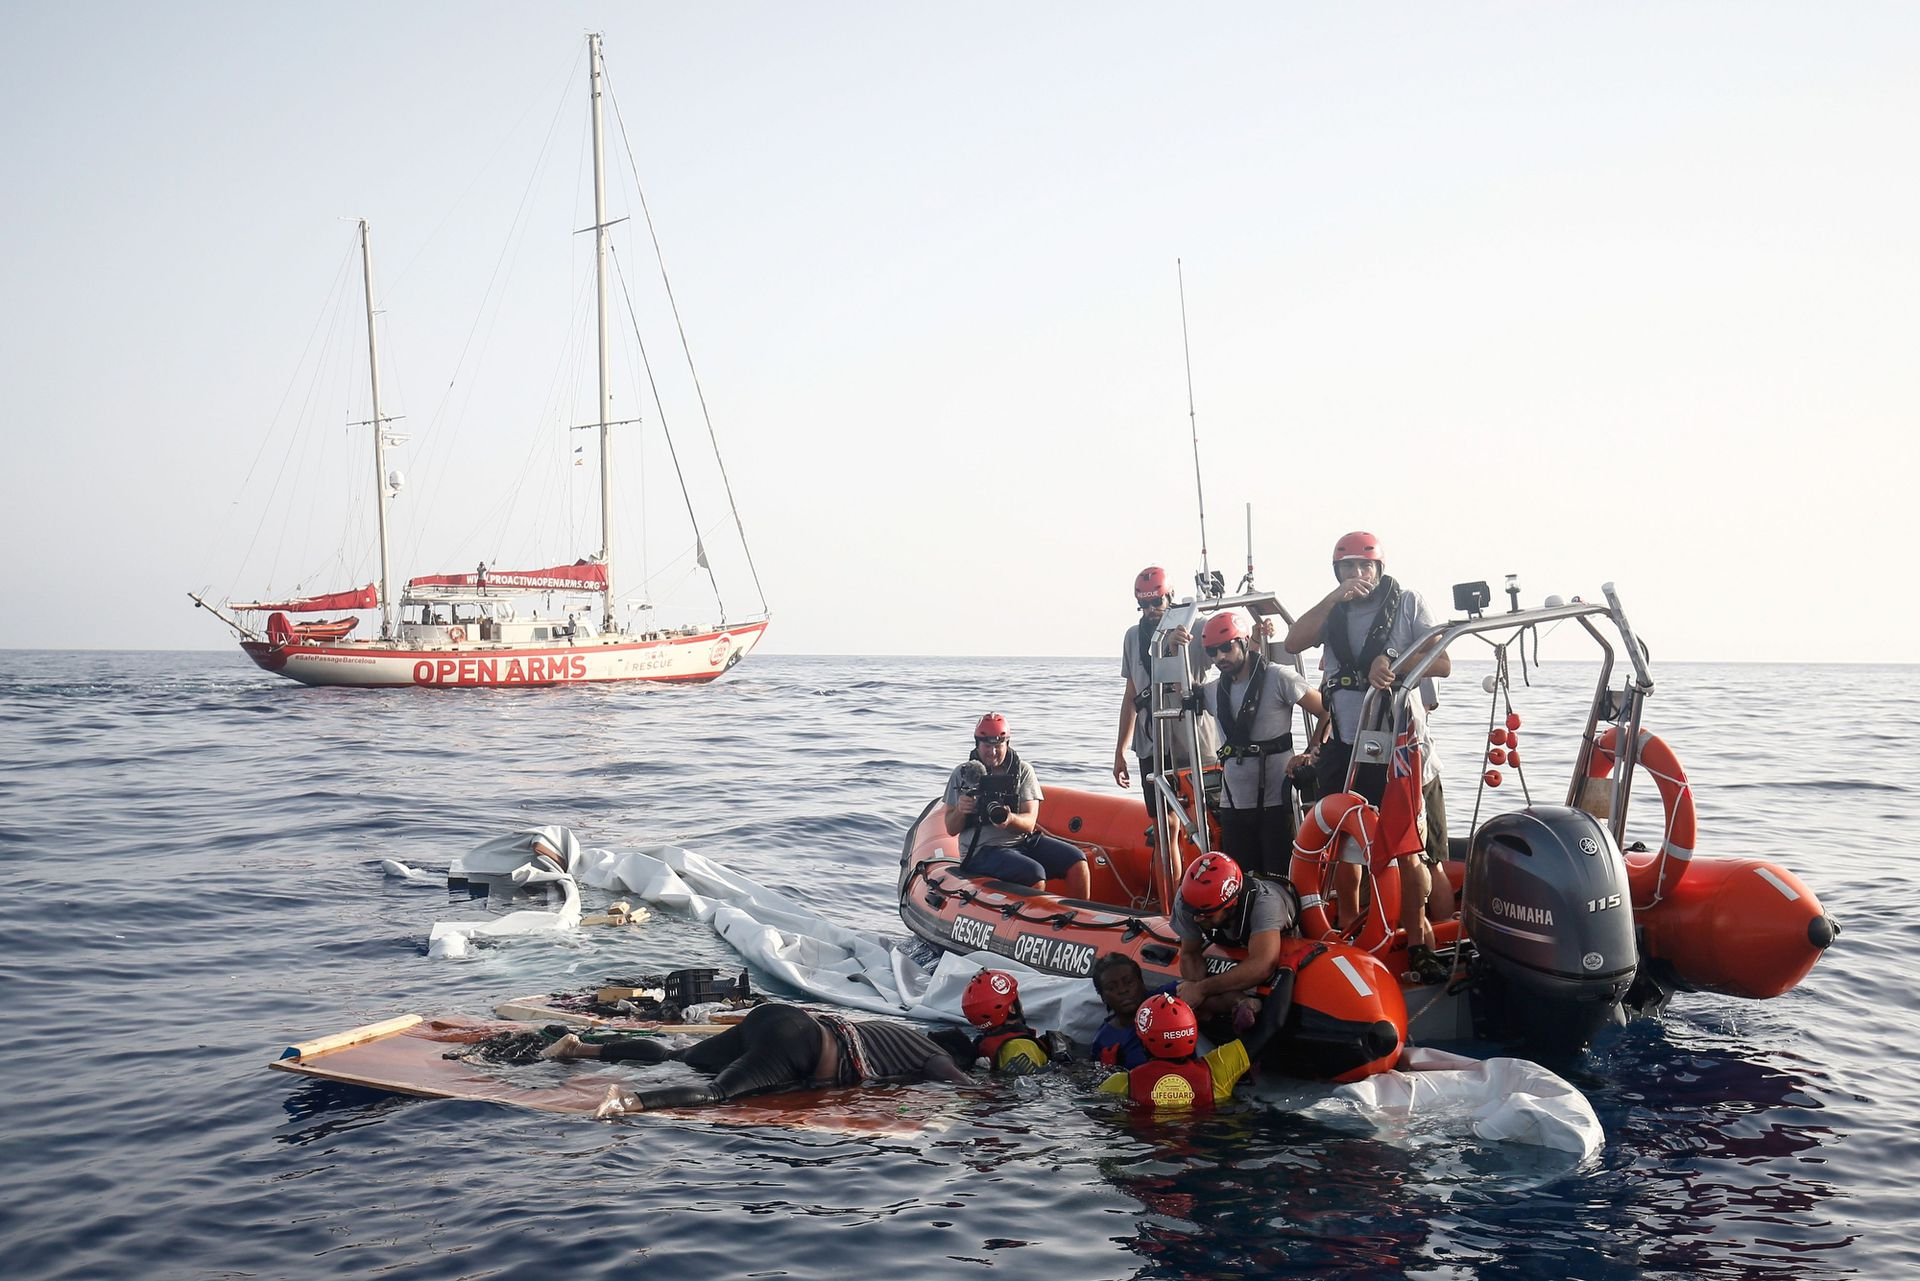 Miembros de la ONG al encontrar la embarcación colapsada. En la misma yacen algunos cuerpos